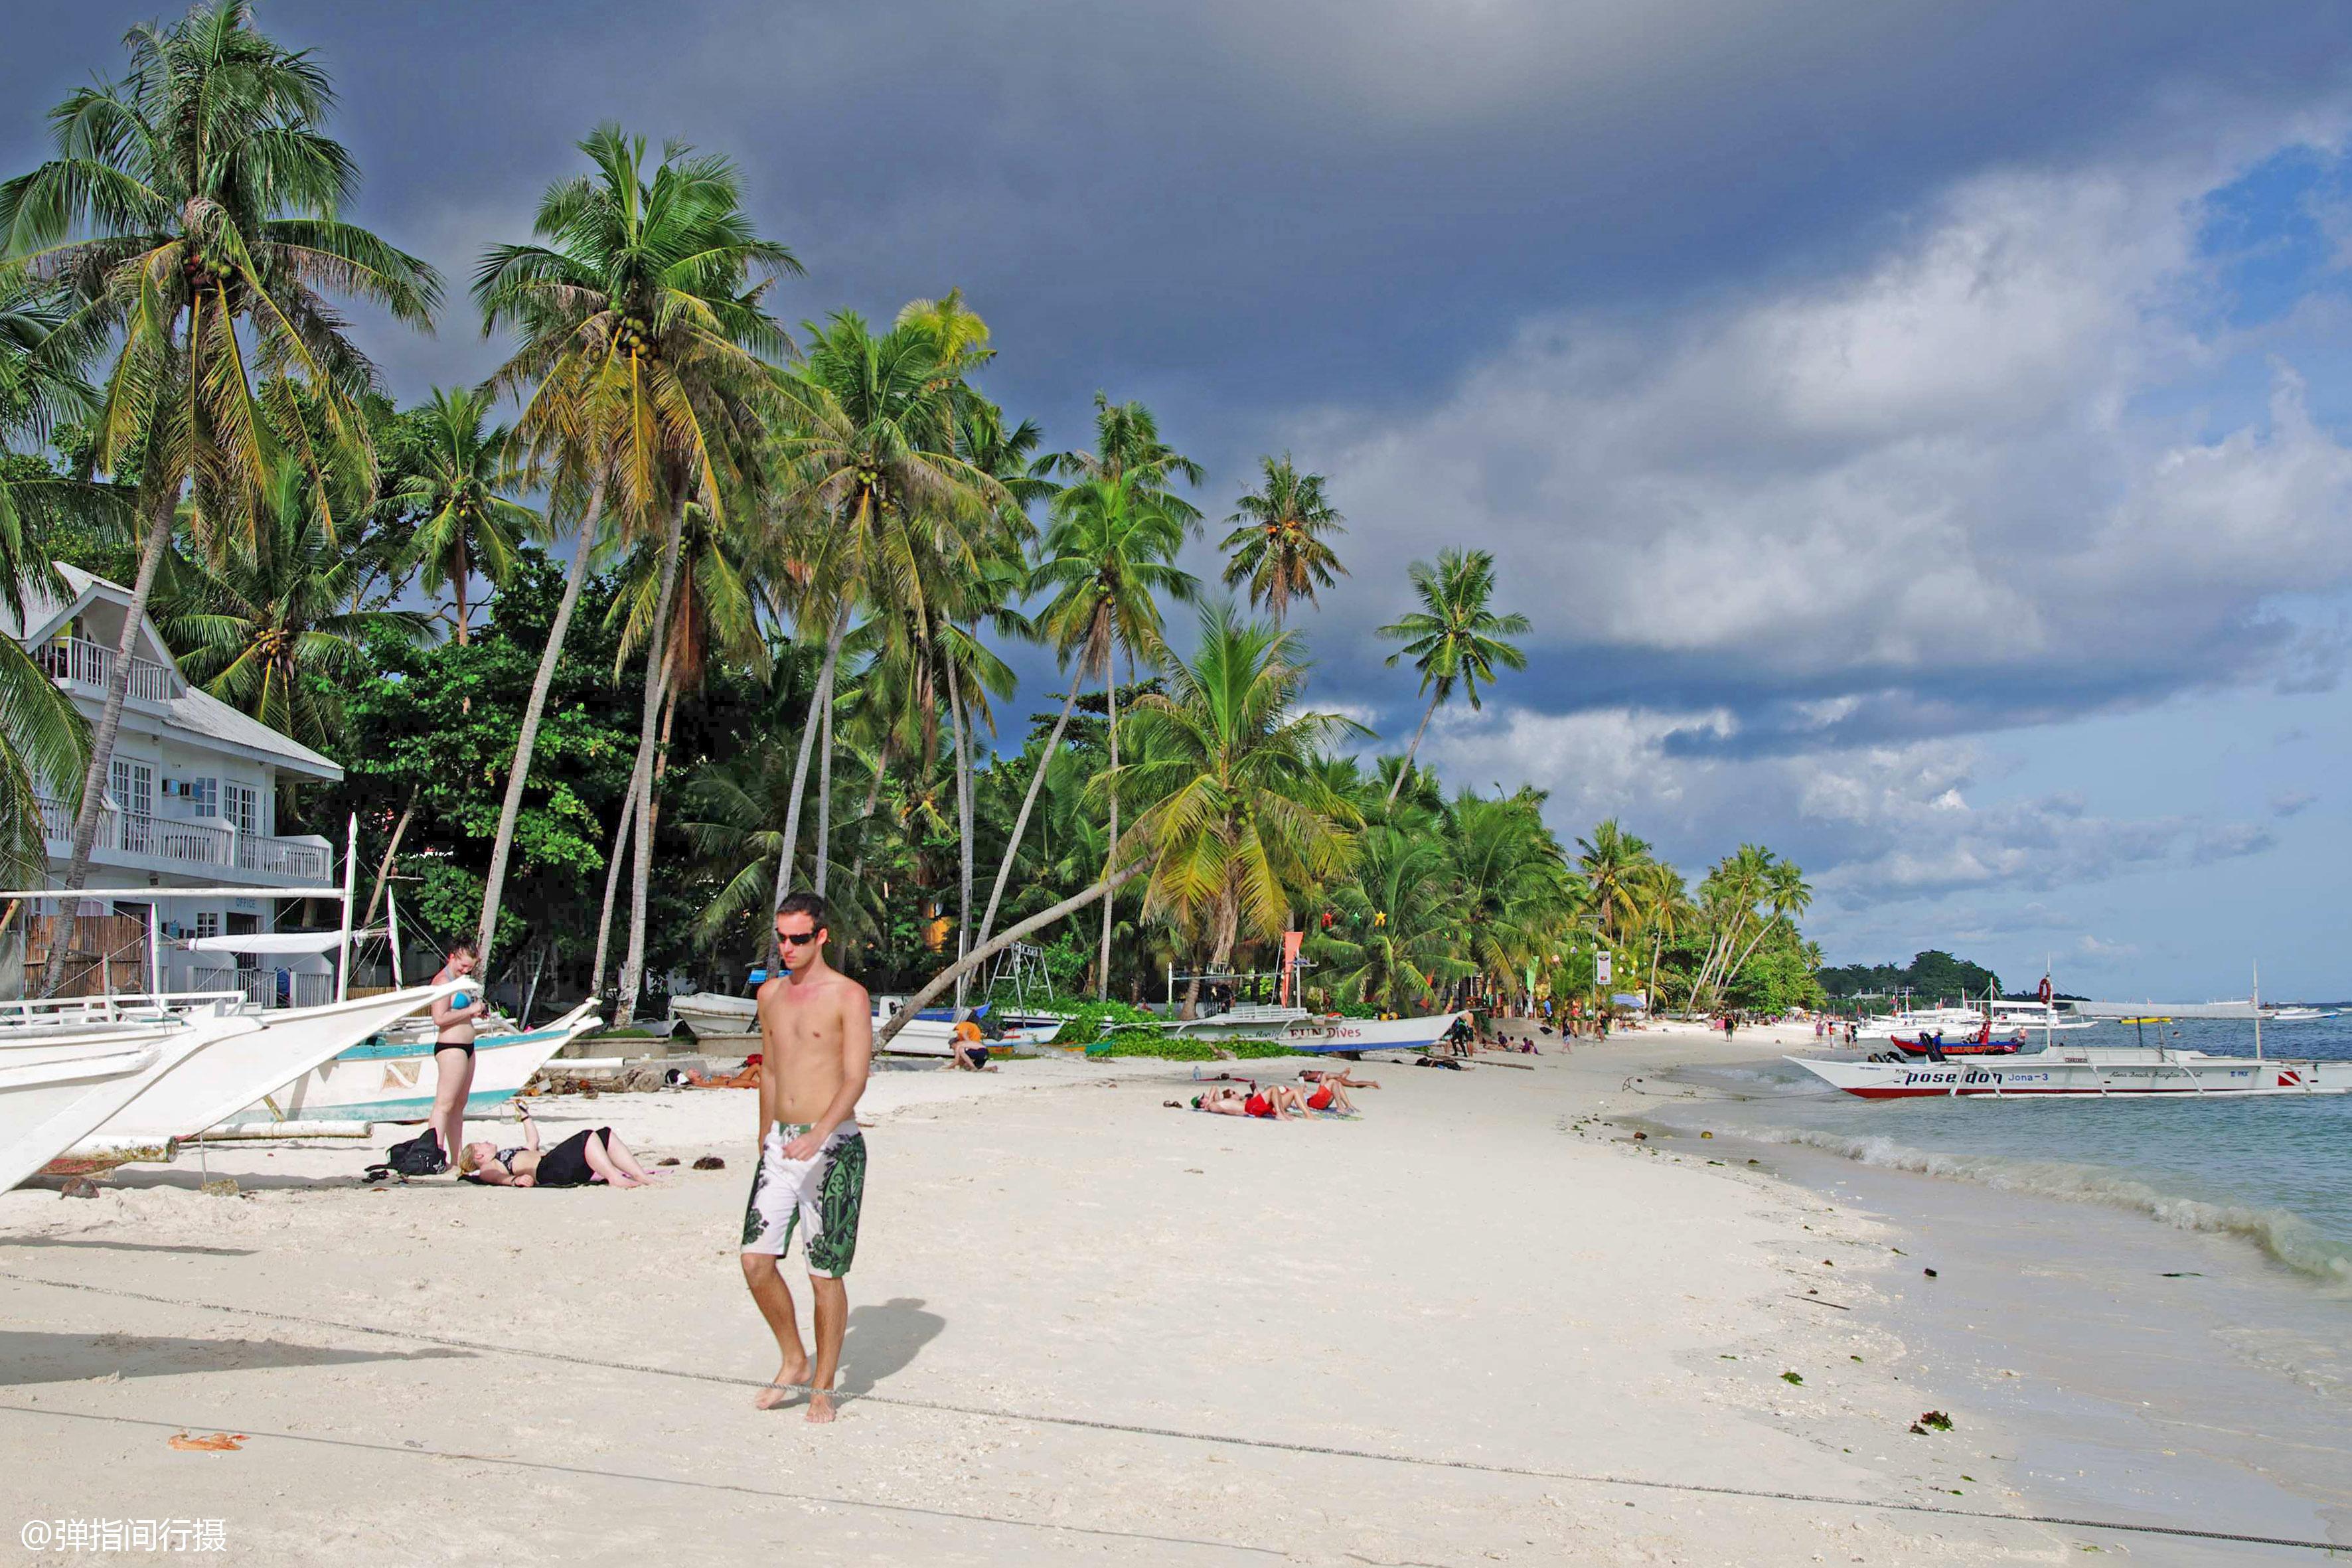 """菲律宾最美海岛,有个清凉名字叫""""薄荷"""",成西方游客享乐秘境"""